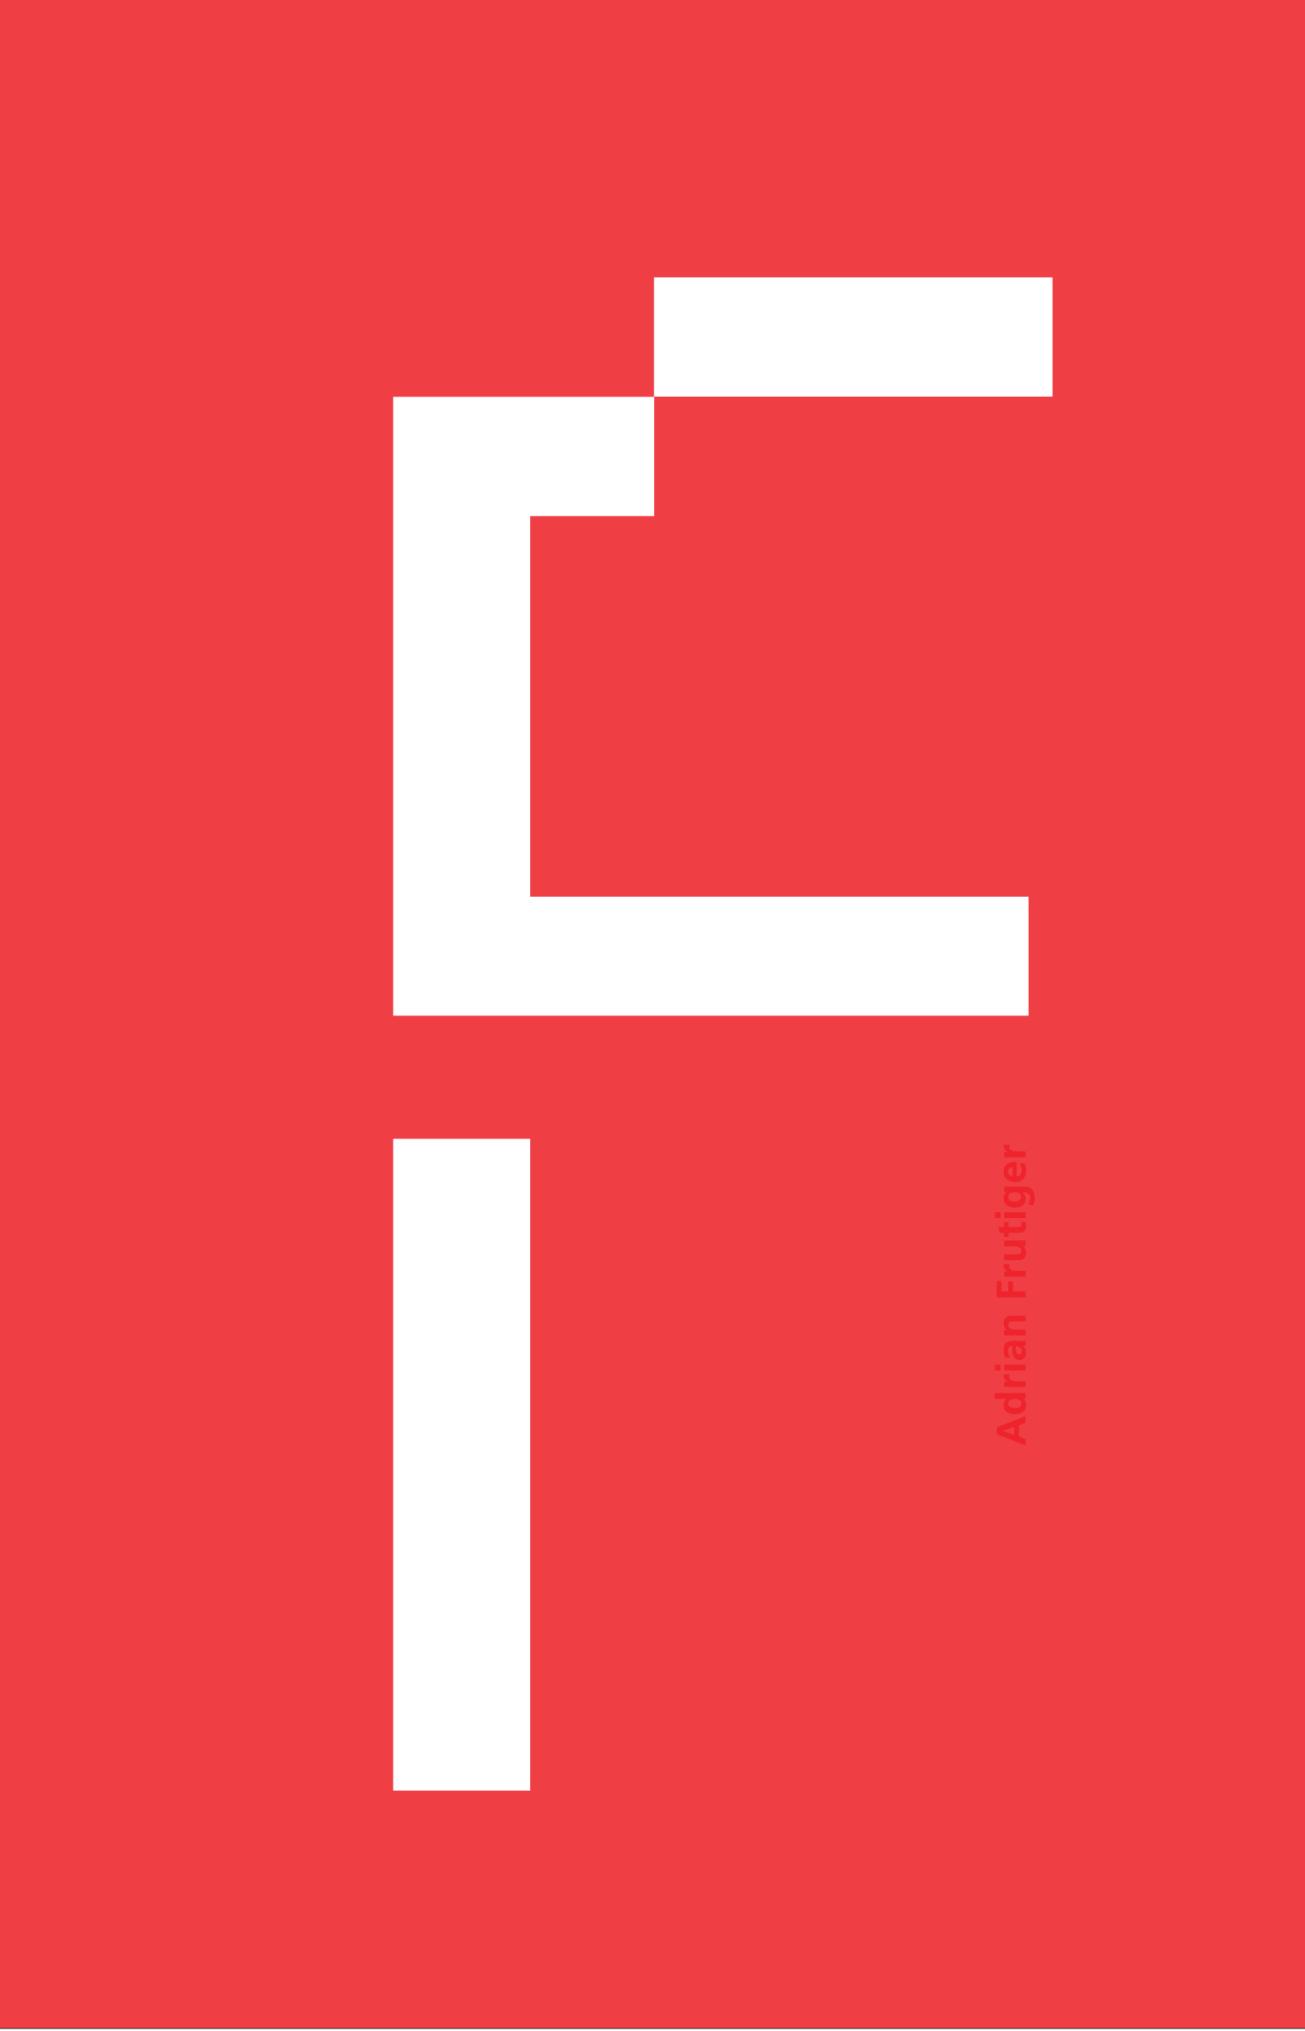 [final]Frutiger-Poster-Front